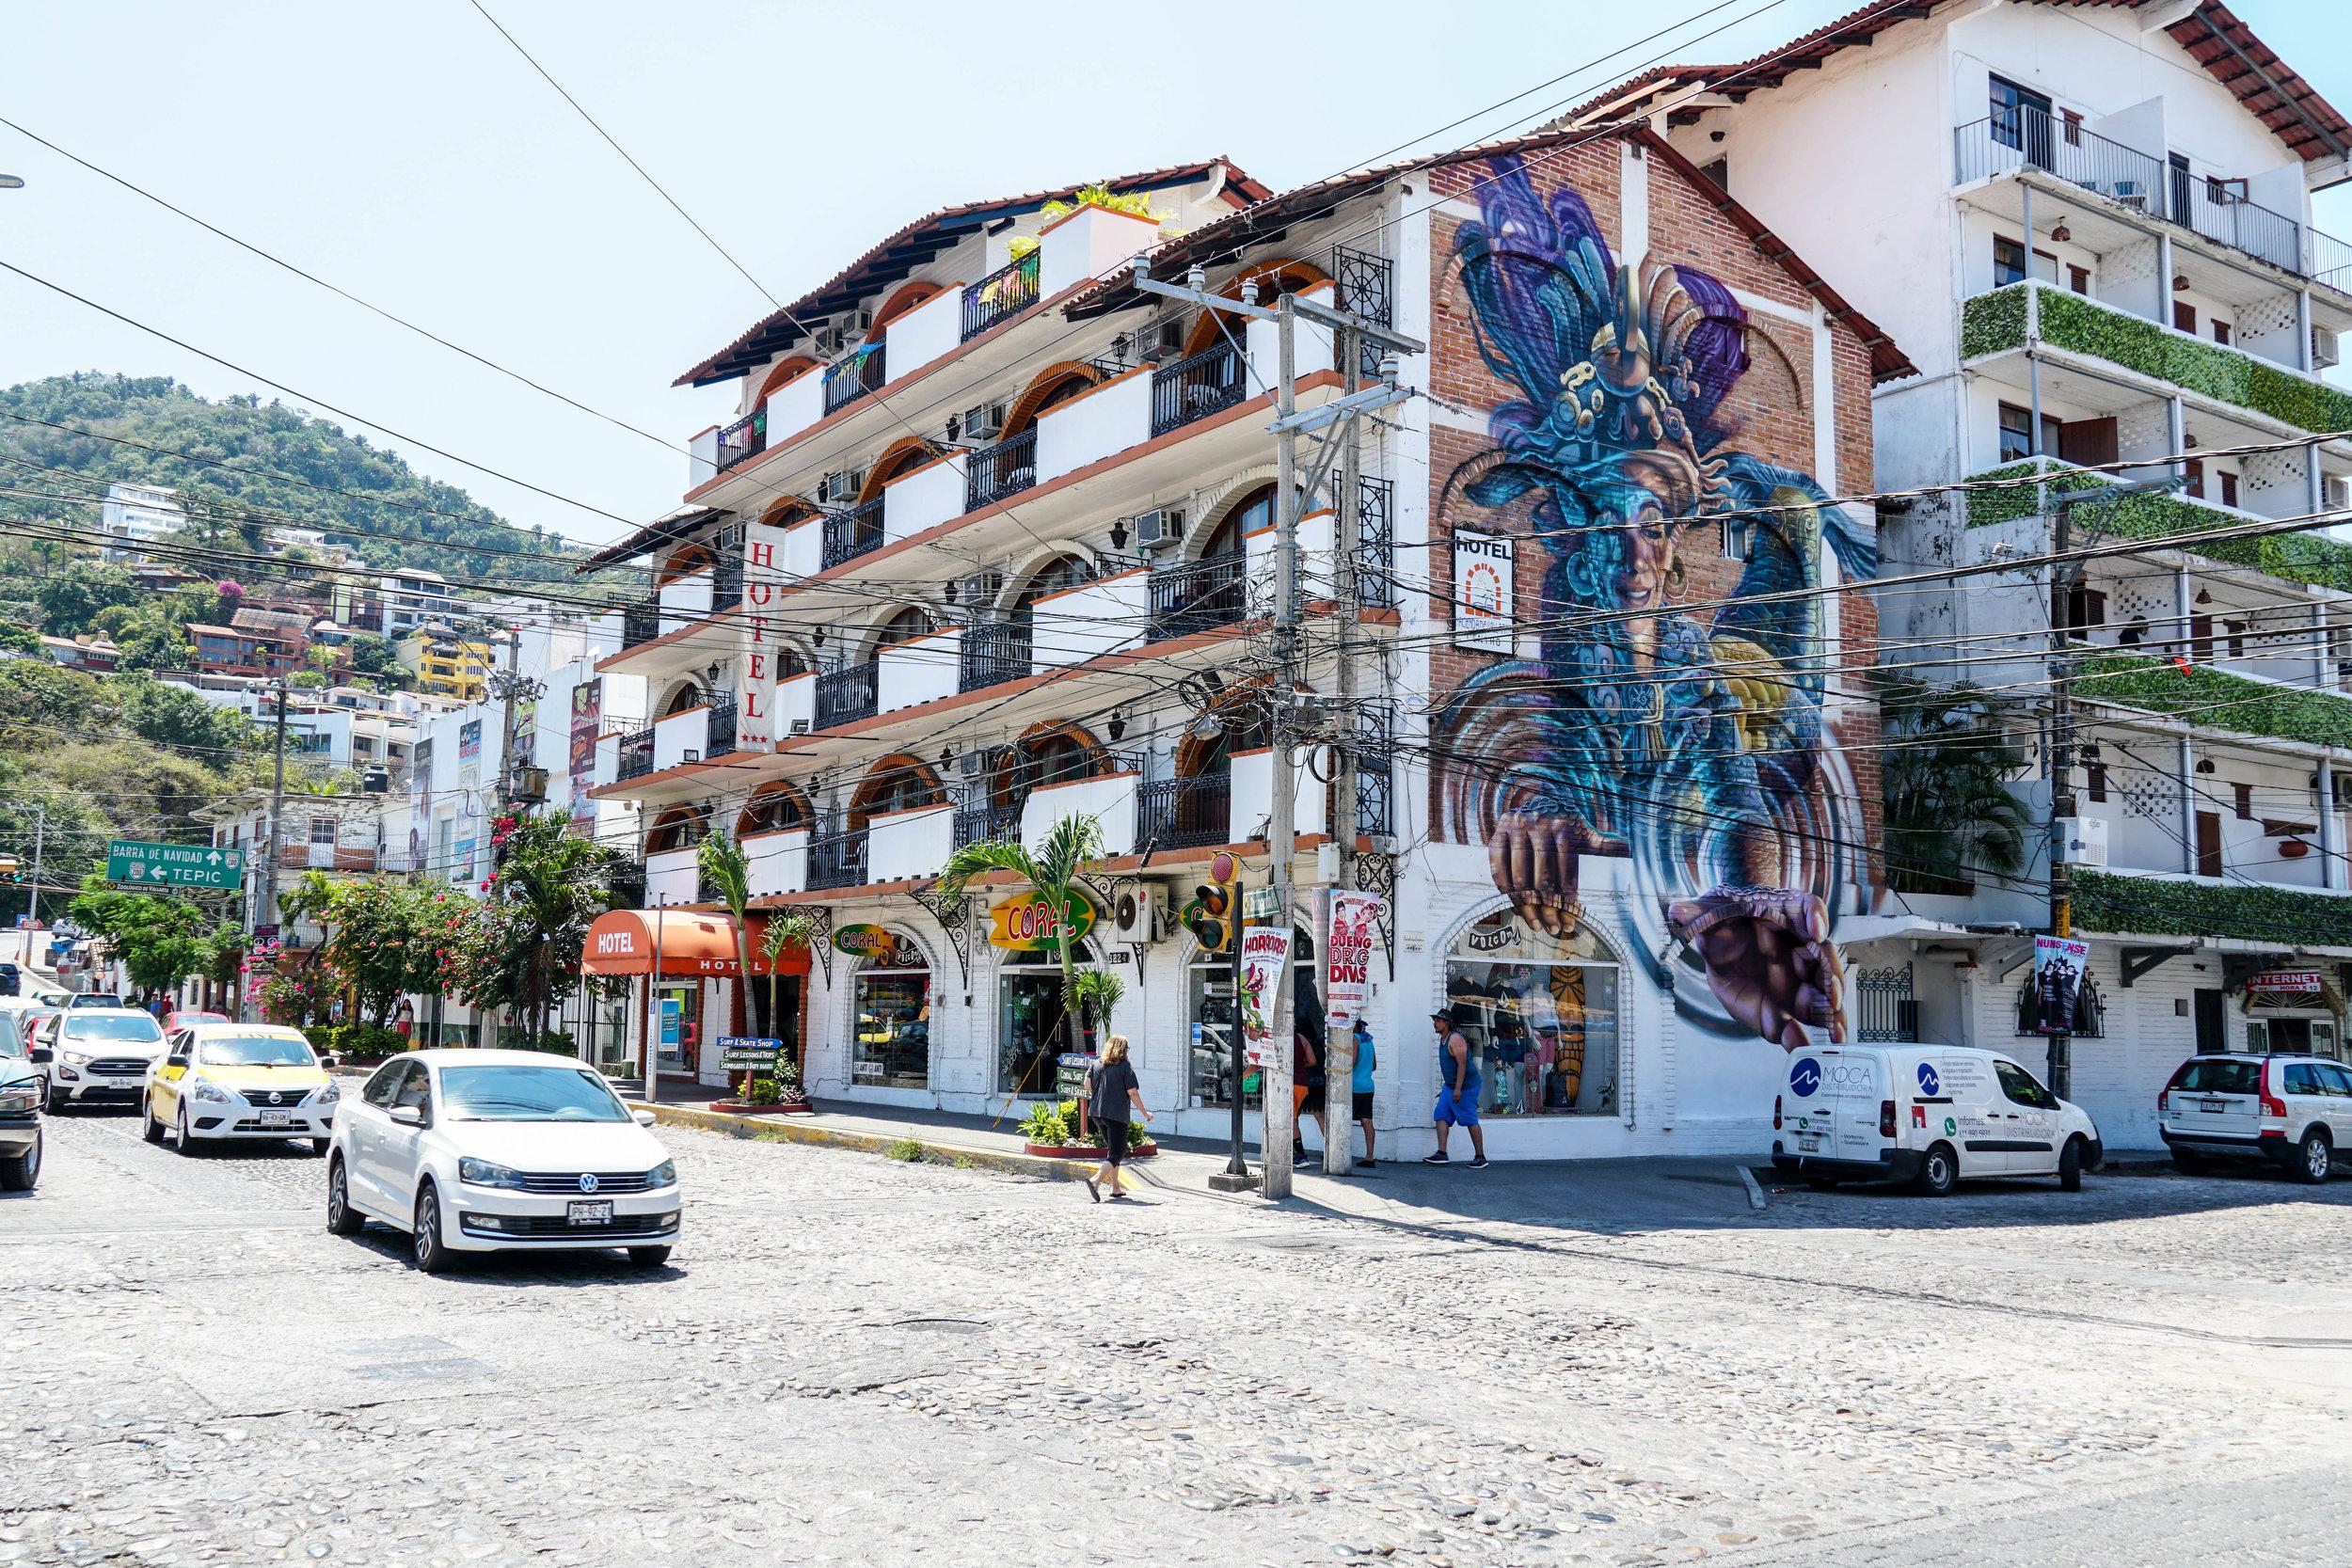 Puerto Vallarta Street Art